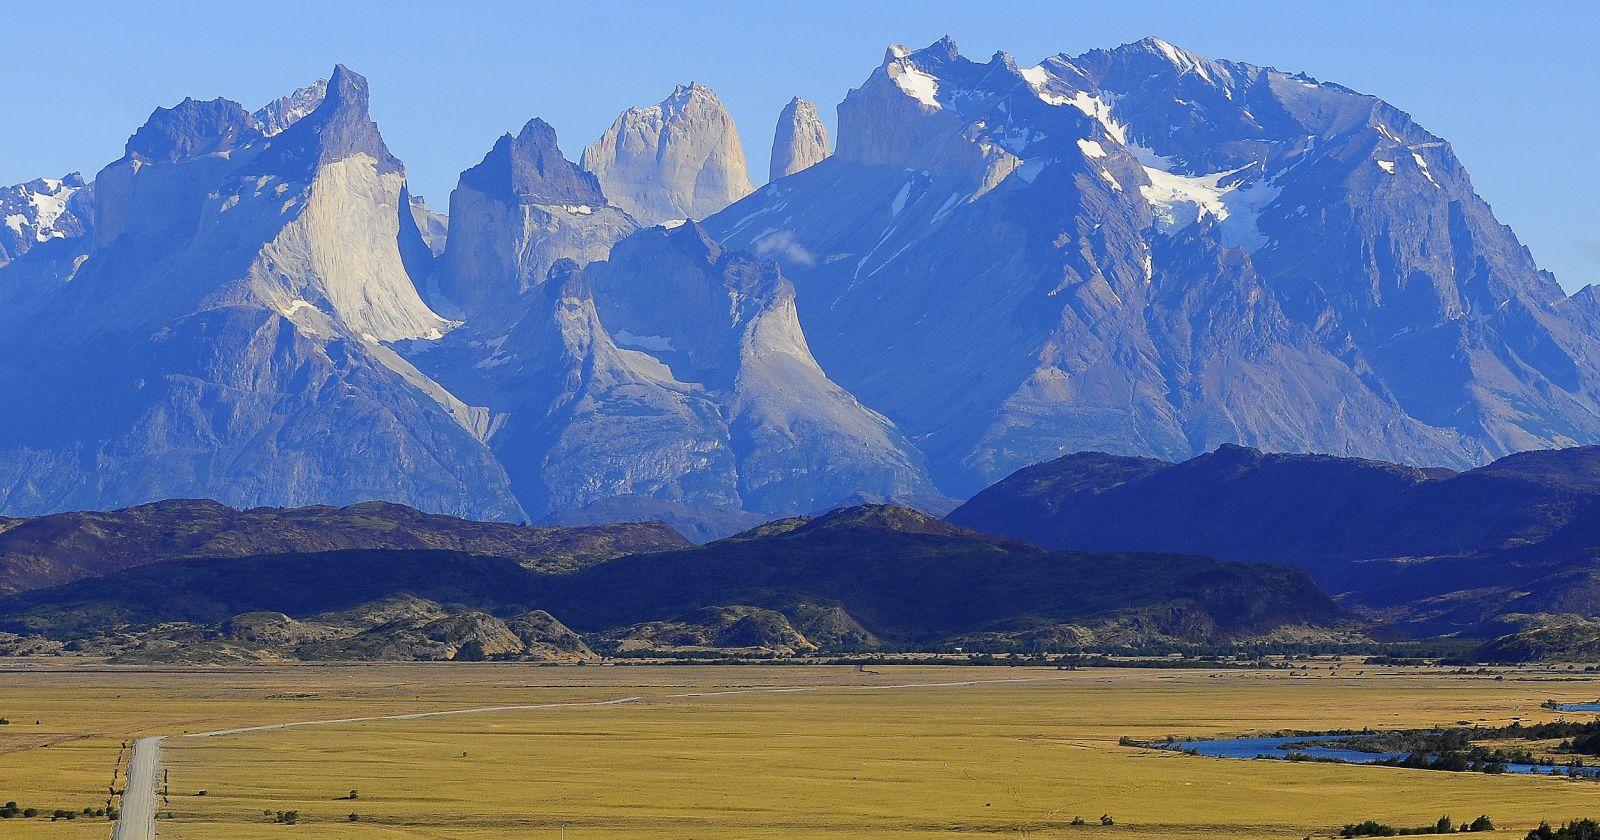 Anuncian reapertura del Parque Torres del Paine tras ocho meses